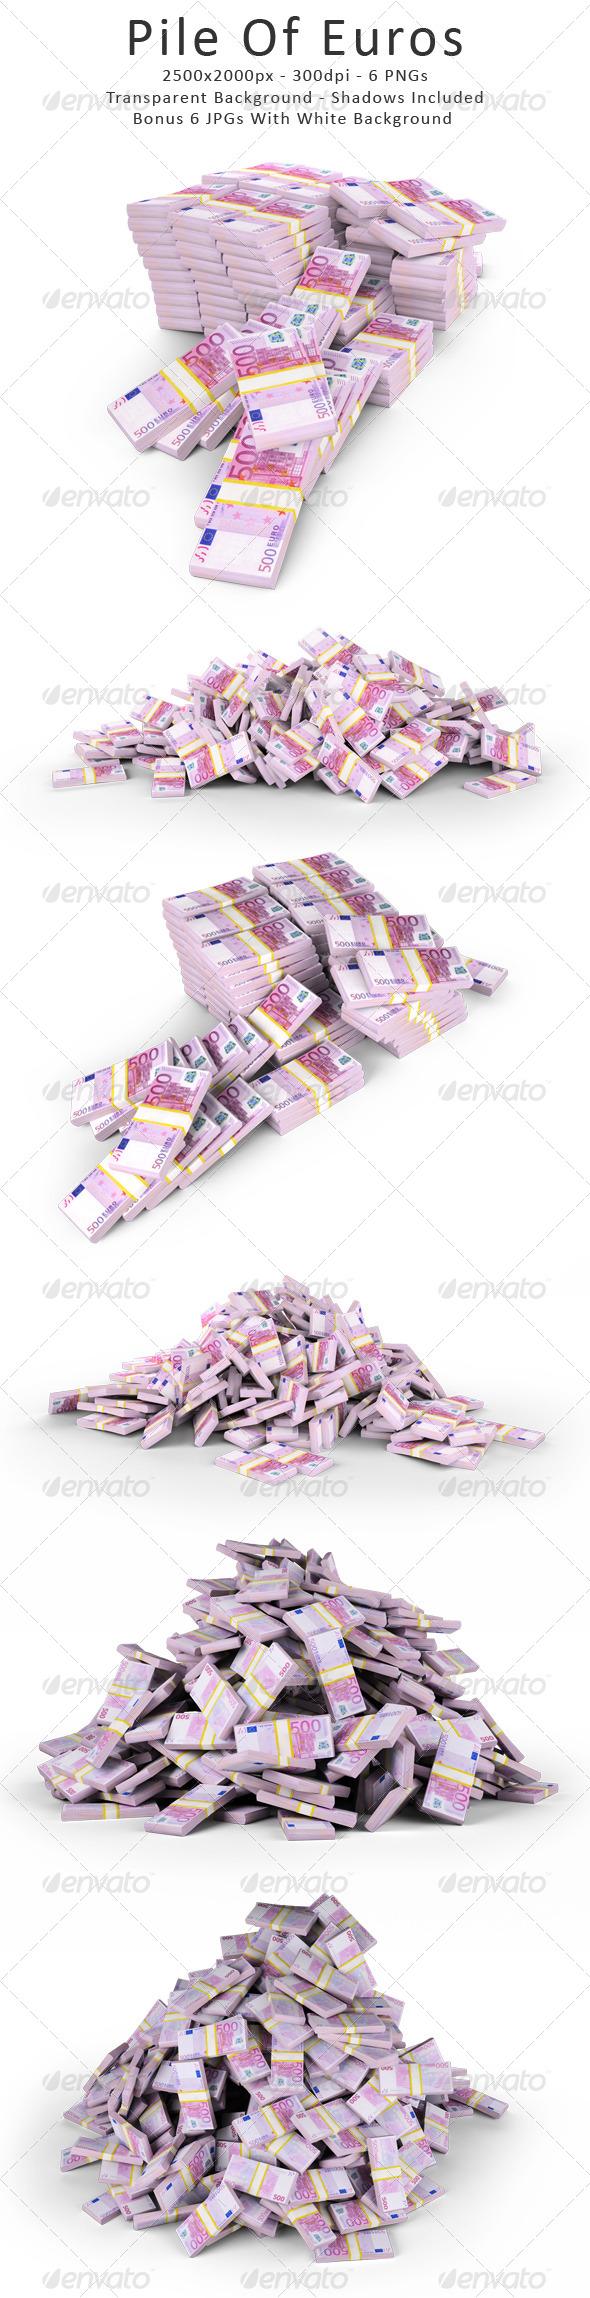 GraphicRiver Pile Of Euros 4759559